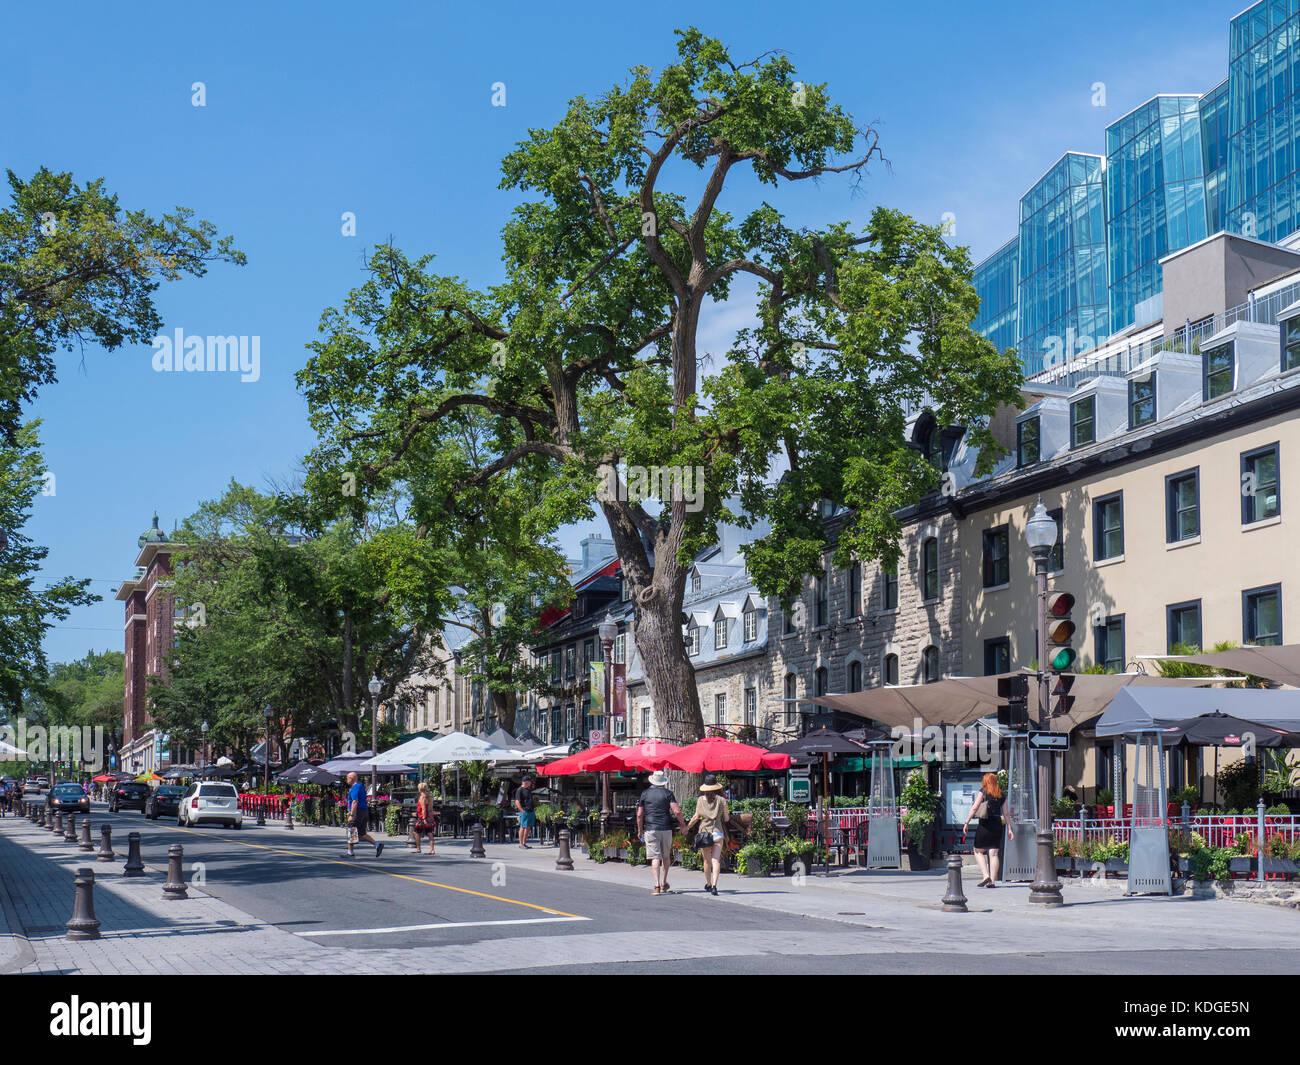 Negozi e ristoranti lungo la Grande Allee Est street,Quebec City, in Canada. Immagini Stock